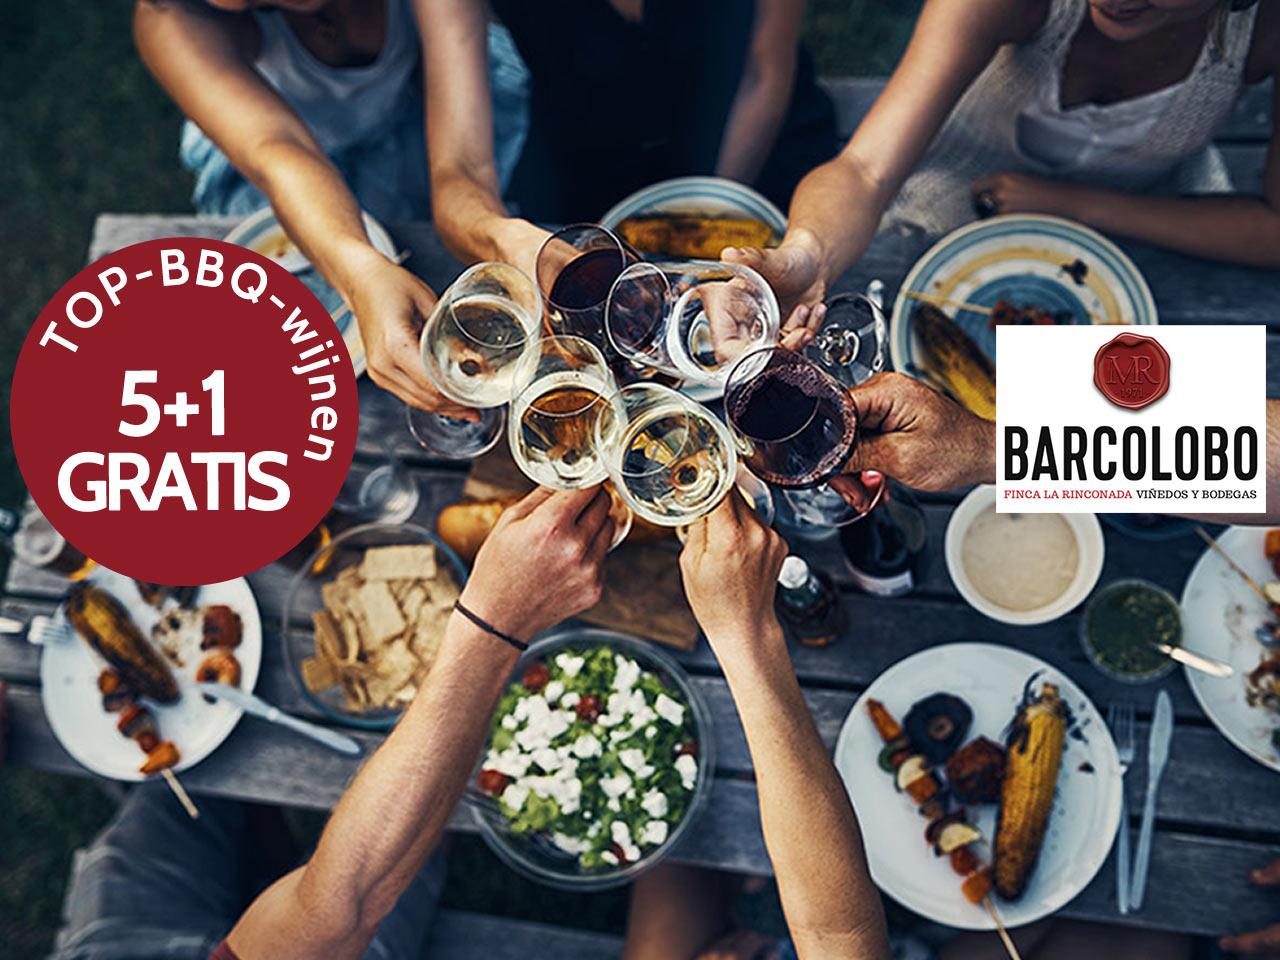 BBQ wijnen promo 5+1 gratis